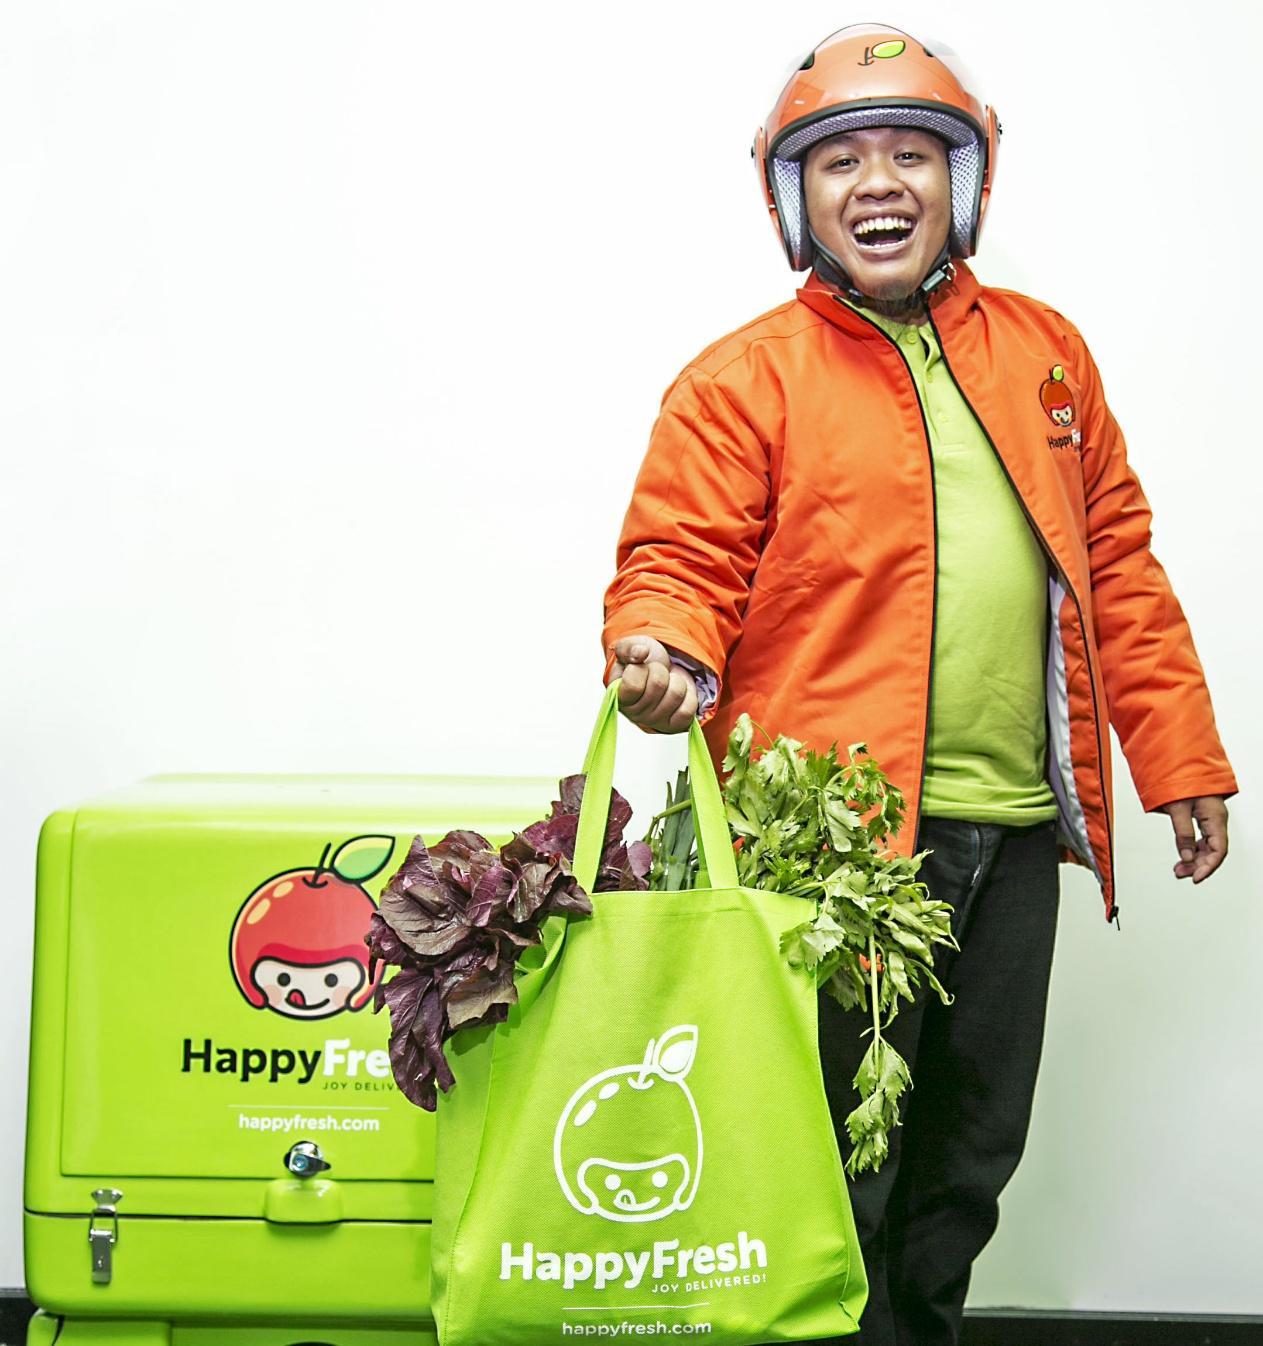 5. Layanan Pesan-Antar Makanan - HappyFresh